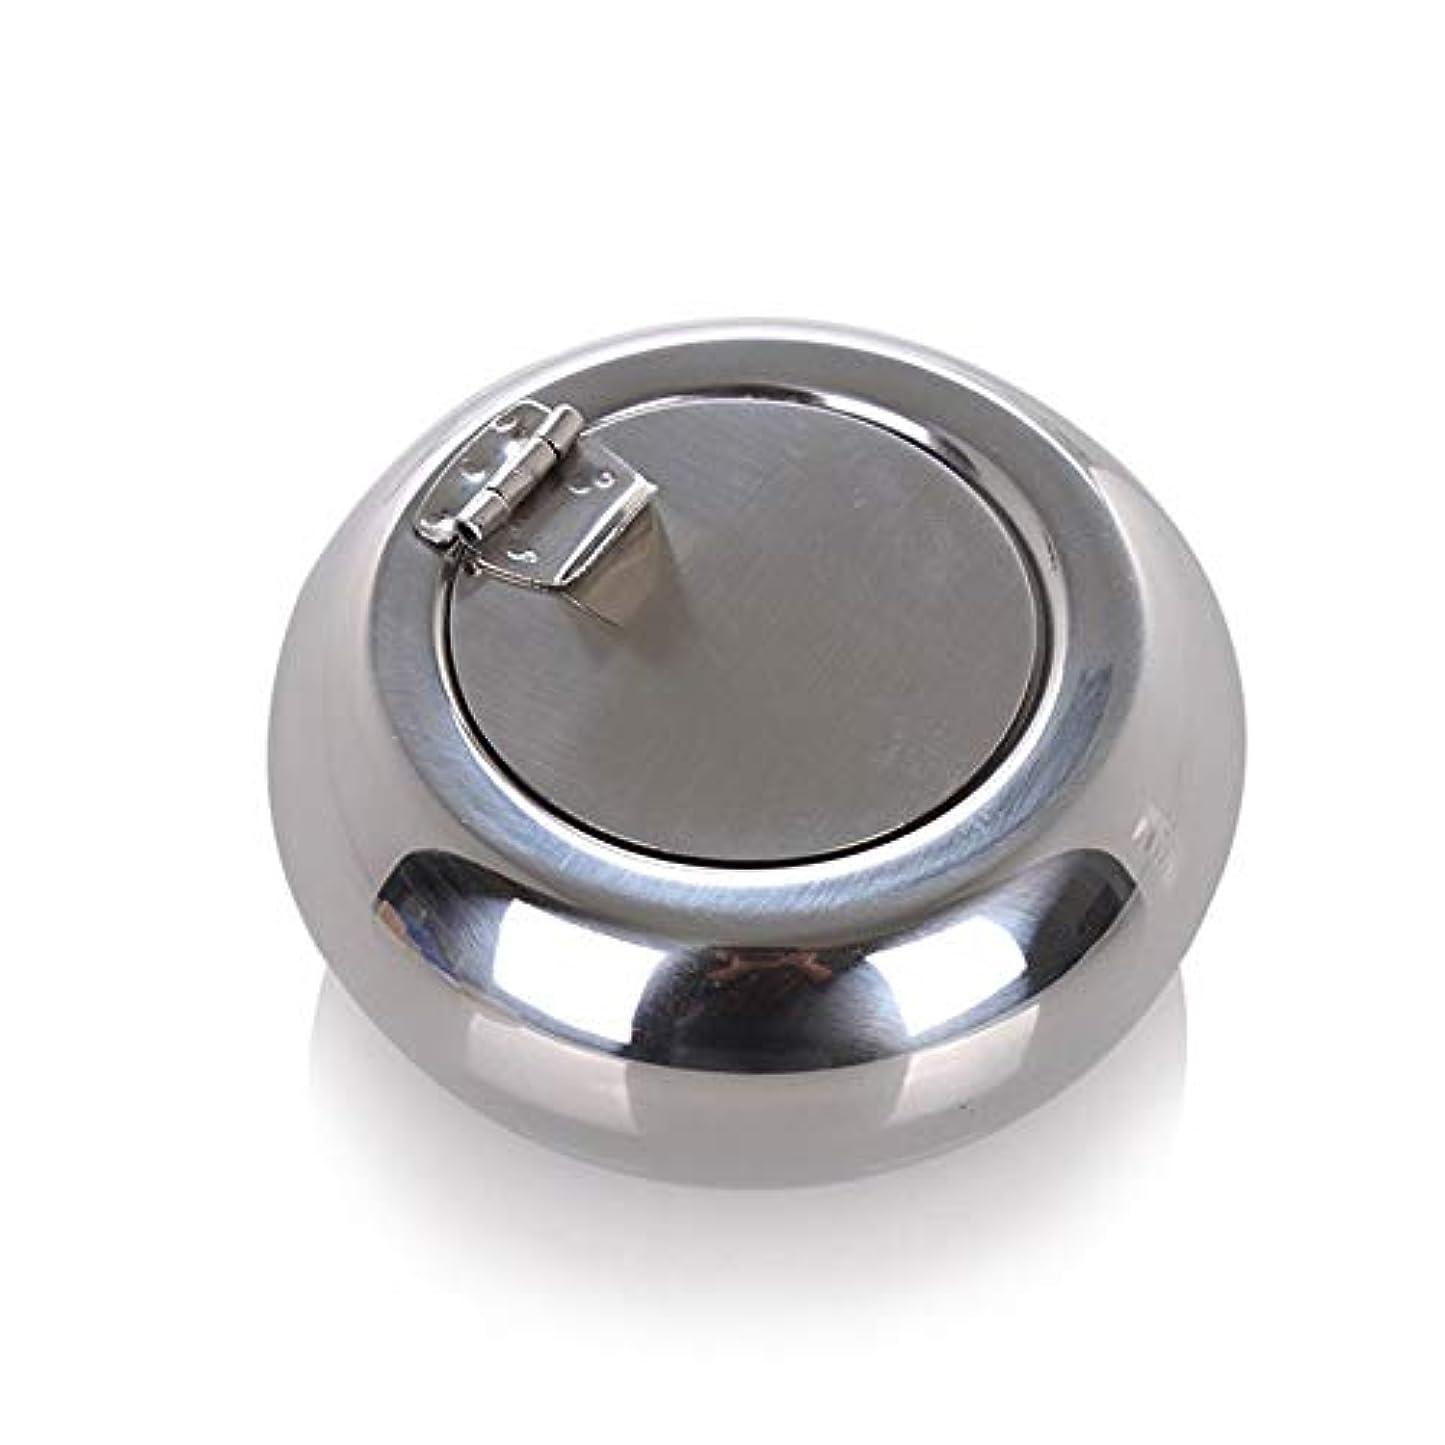 発揮するシーフード余暇ドラム型のステンレス鋼の灰皿防風カバーヨーロッパの灰皿の人格トレンド金属煤創造的な家、高品質のステンレス鋼、防風カバー灰皿ゴールドブラック色 (色 : 銀, Size : S)